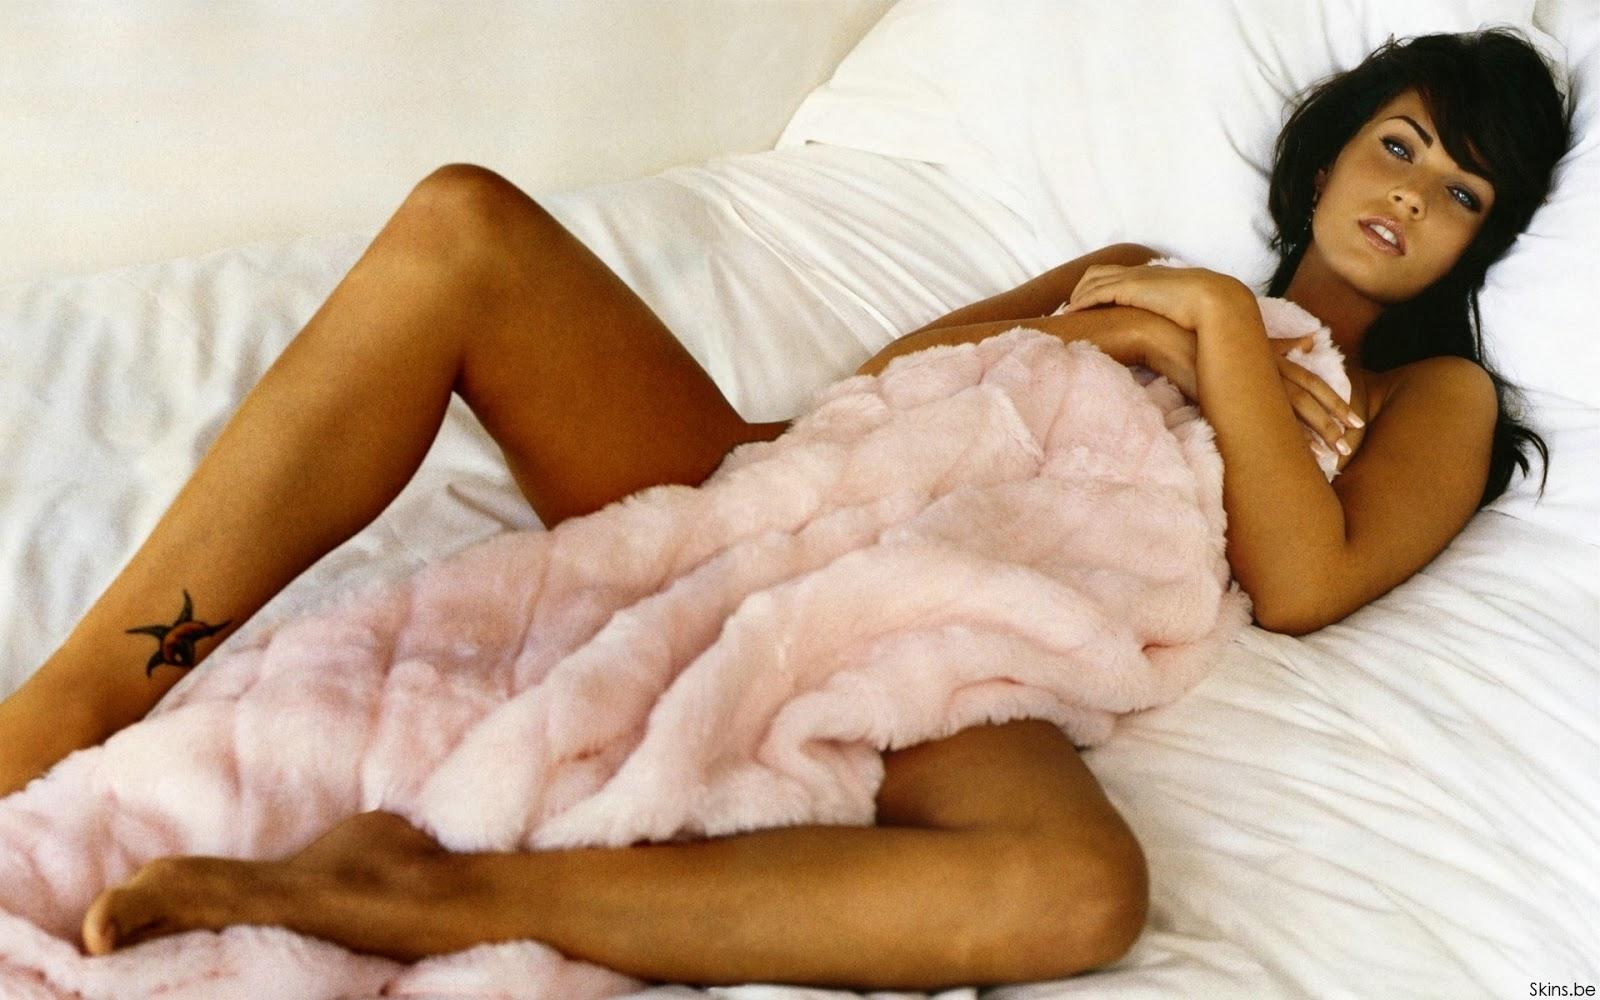 Фото жены под одеялом 22 фотография